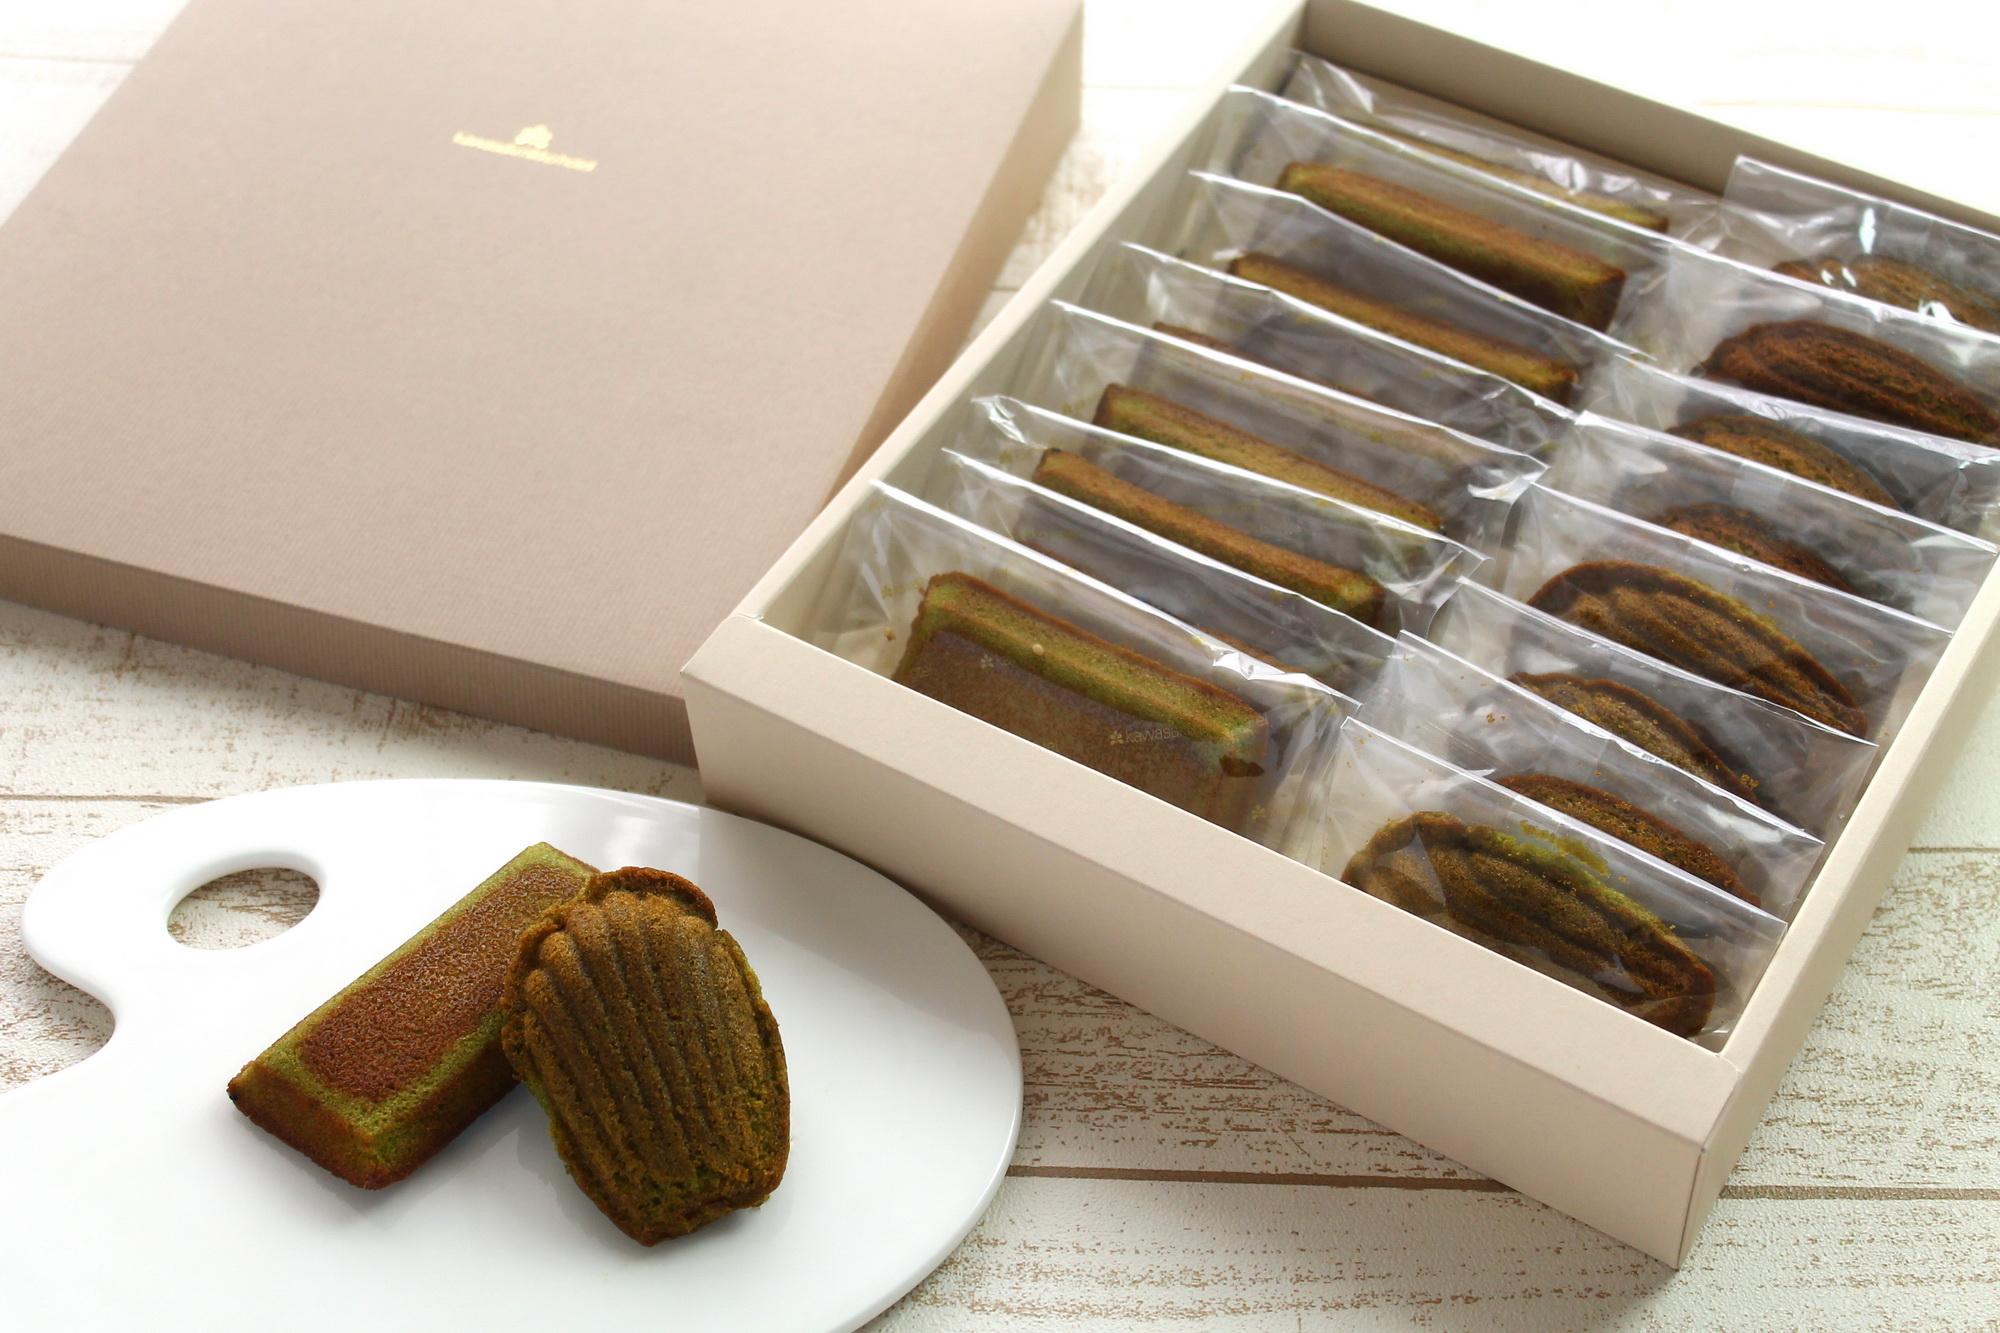 かわさき産はちみつと足柄抹茶の焼き菓子(アソート 16 個入り 4,500 円)